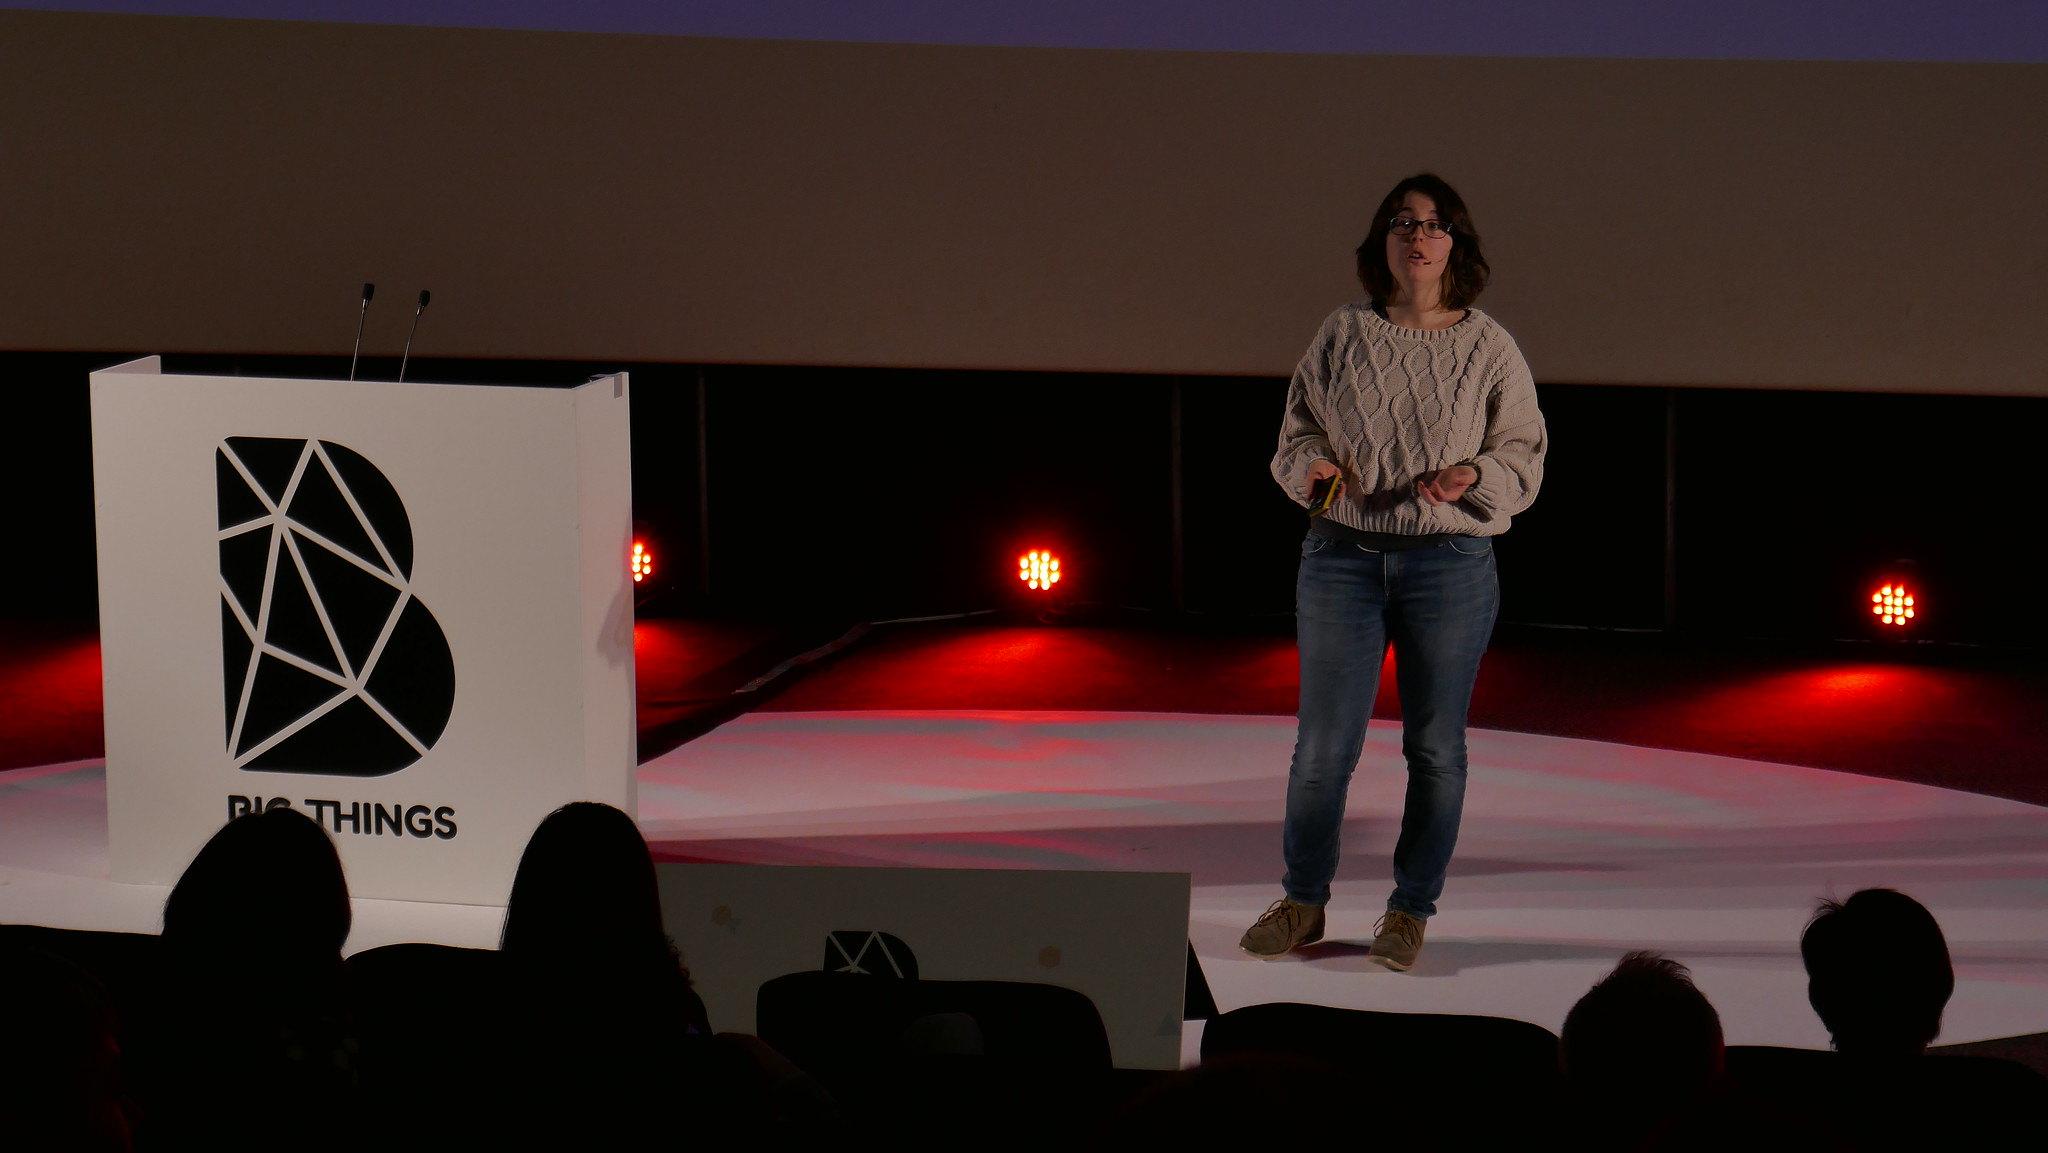 María Medina at Big Things Conference 2019